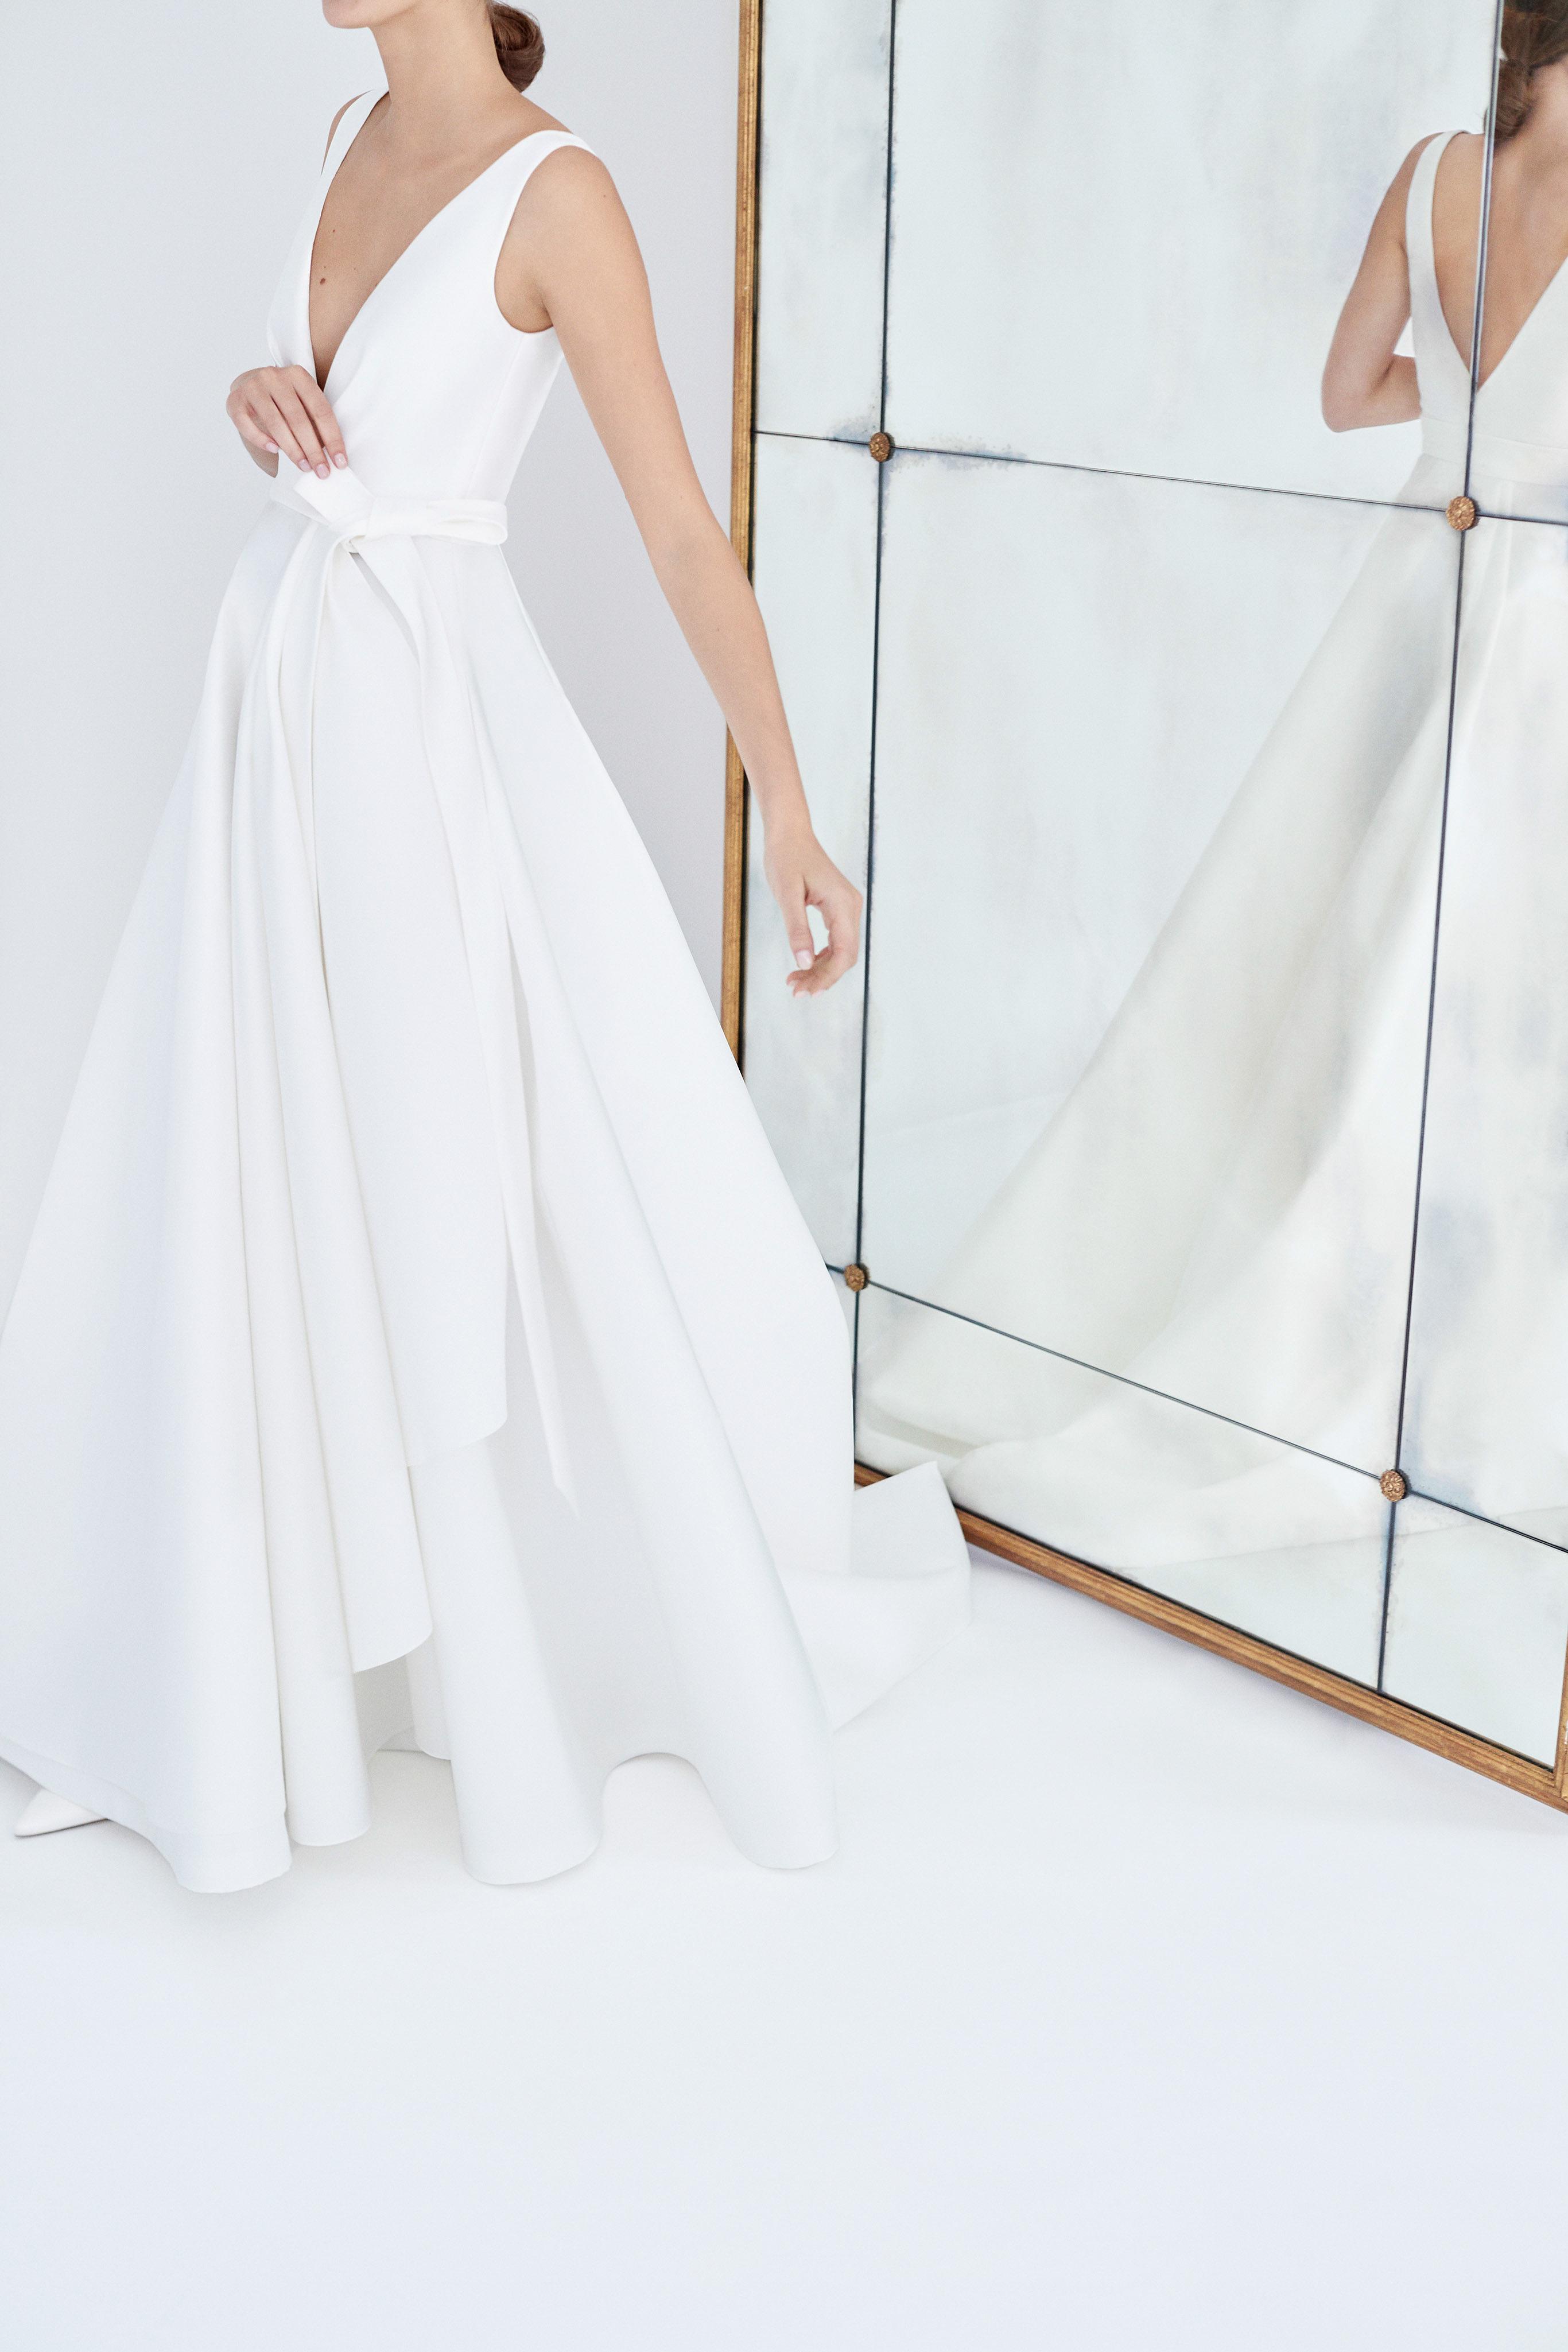 carolina herrera wedding dress fall 2018 v-neck a-line